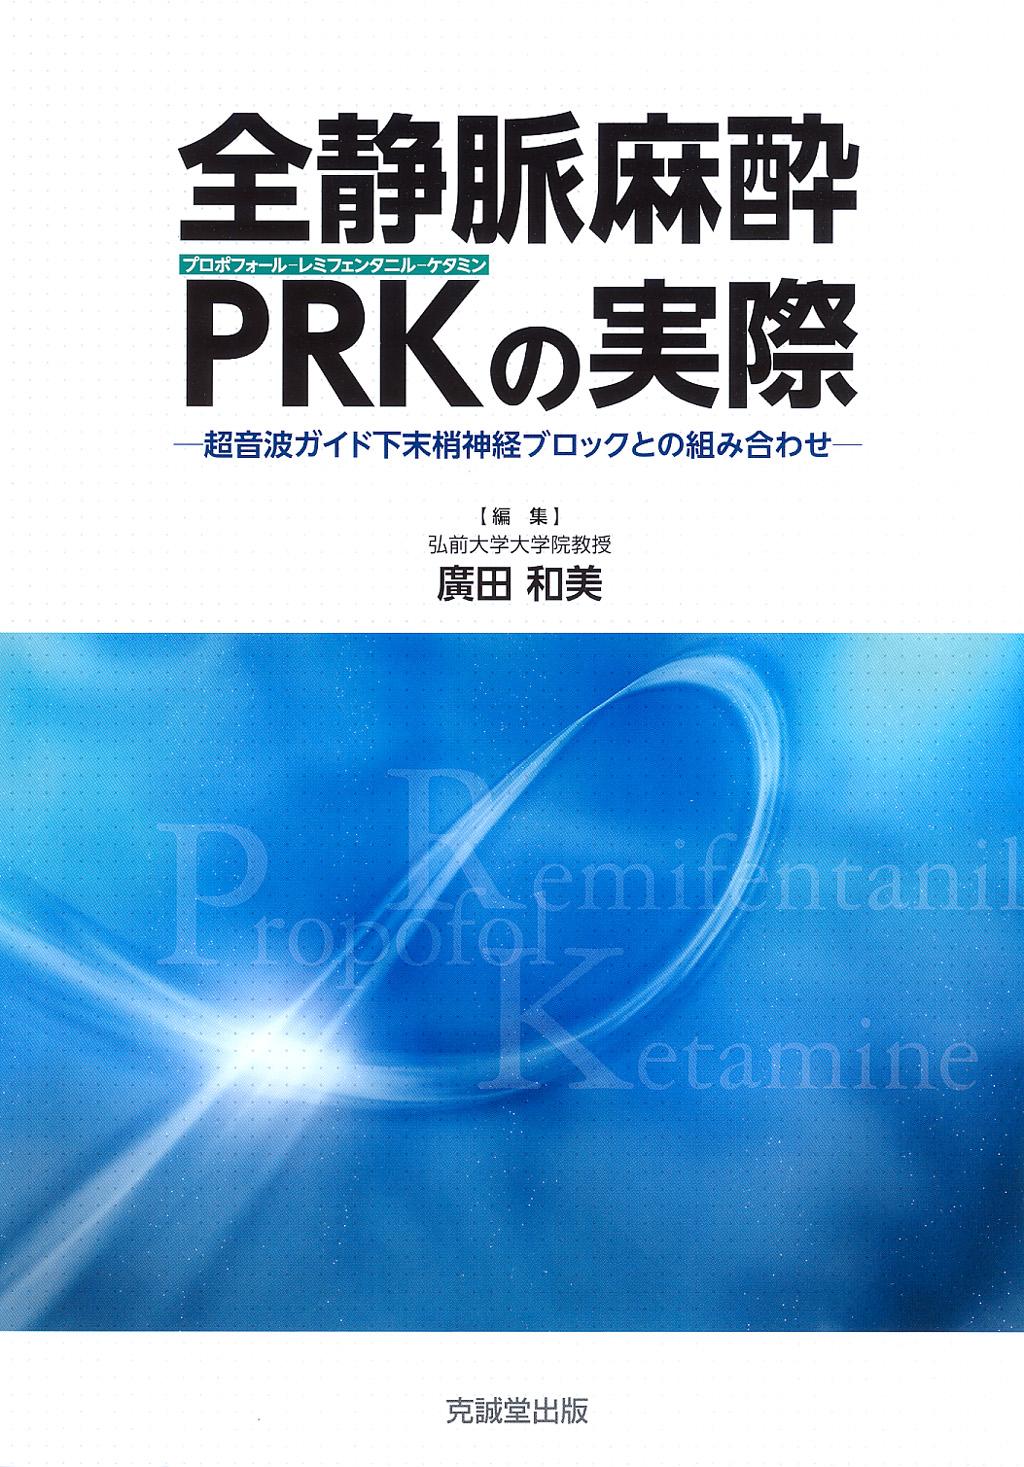 全静脈麻酔PRKの実際